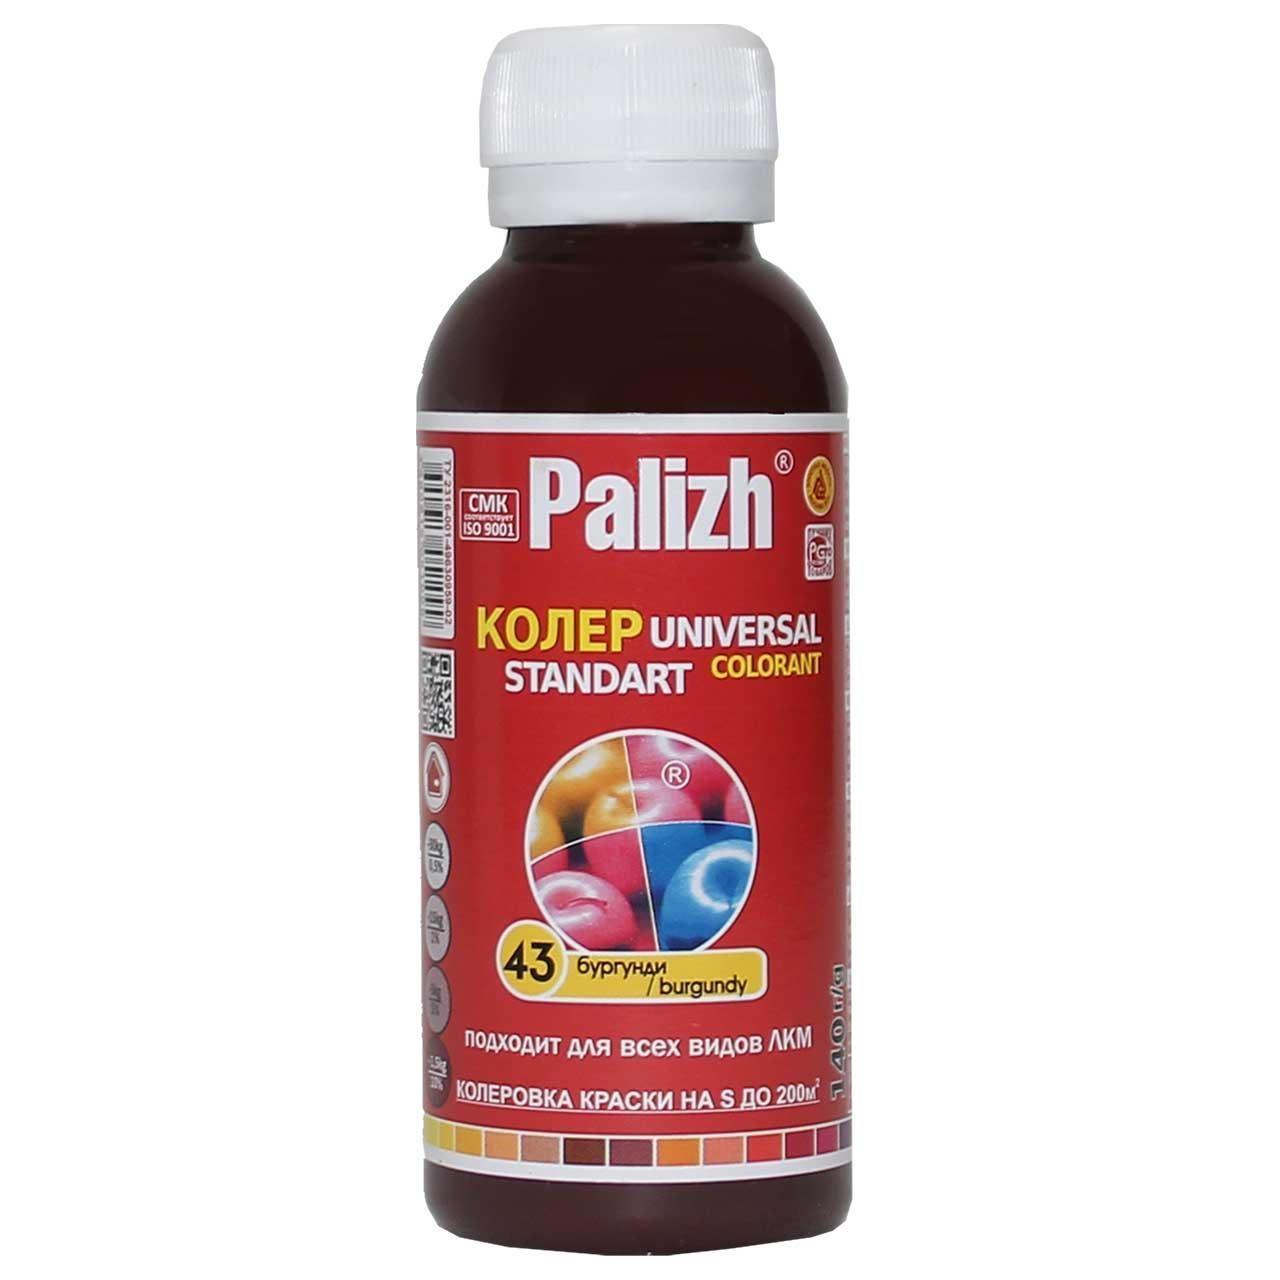 Колер универсальный Palizh №43 бургунди 140мл - фото